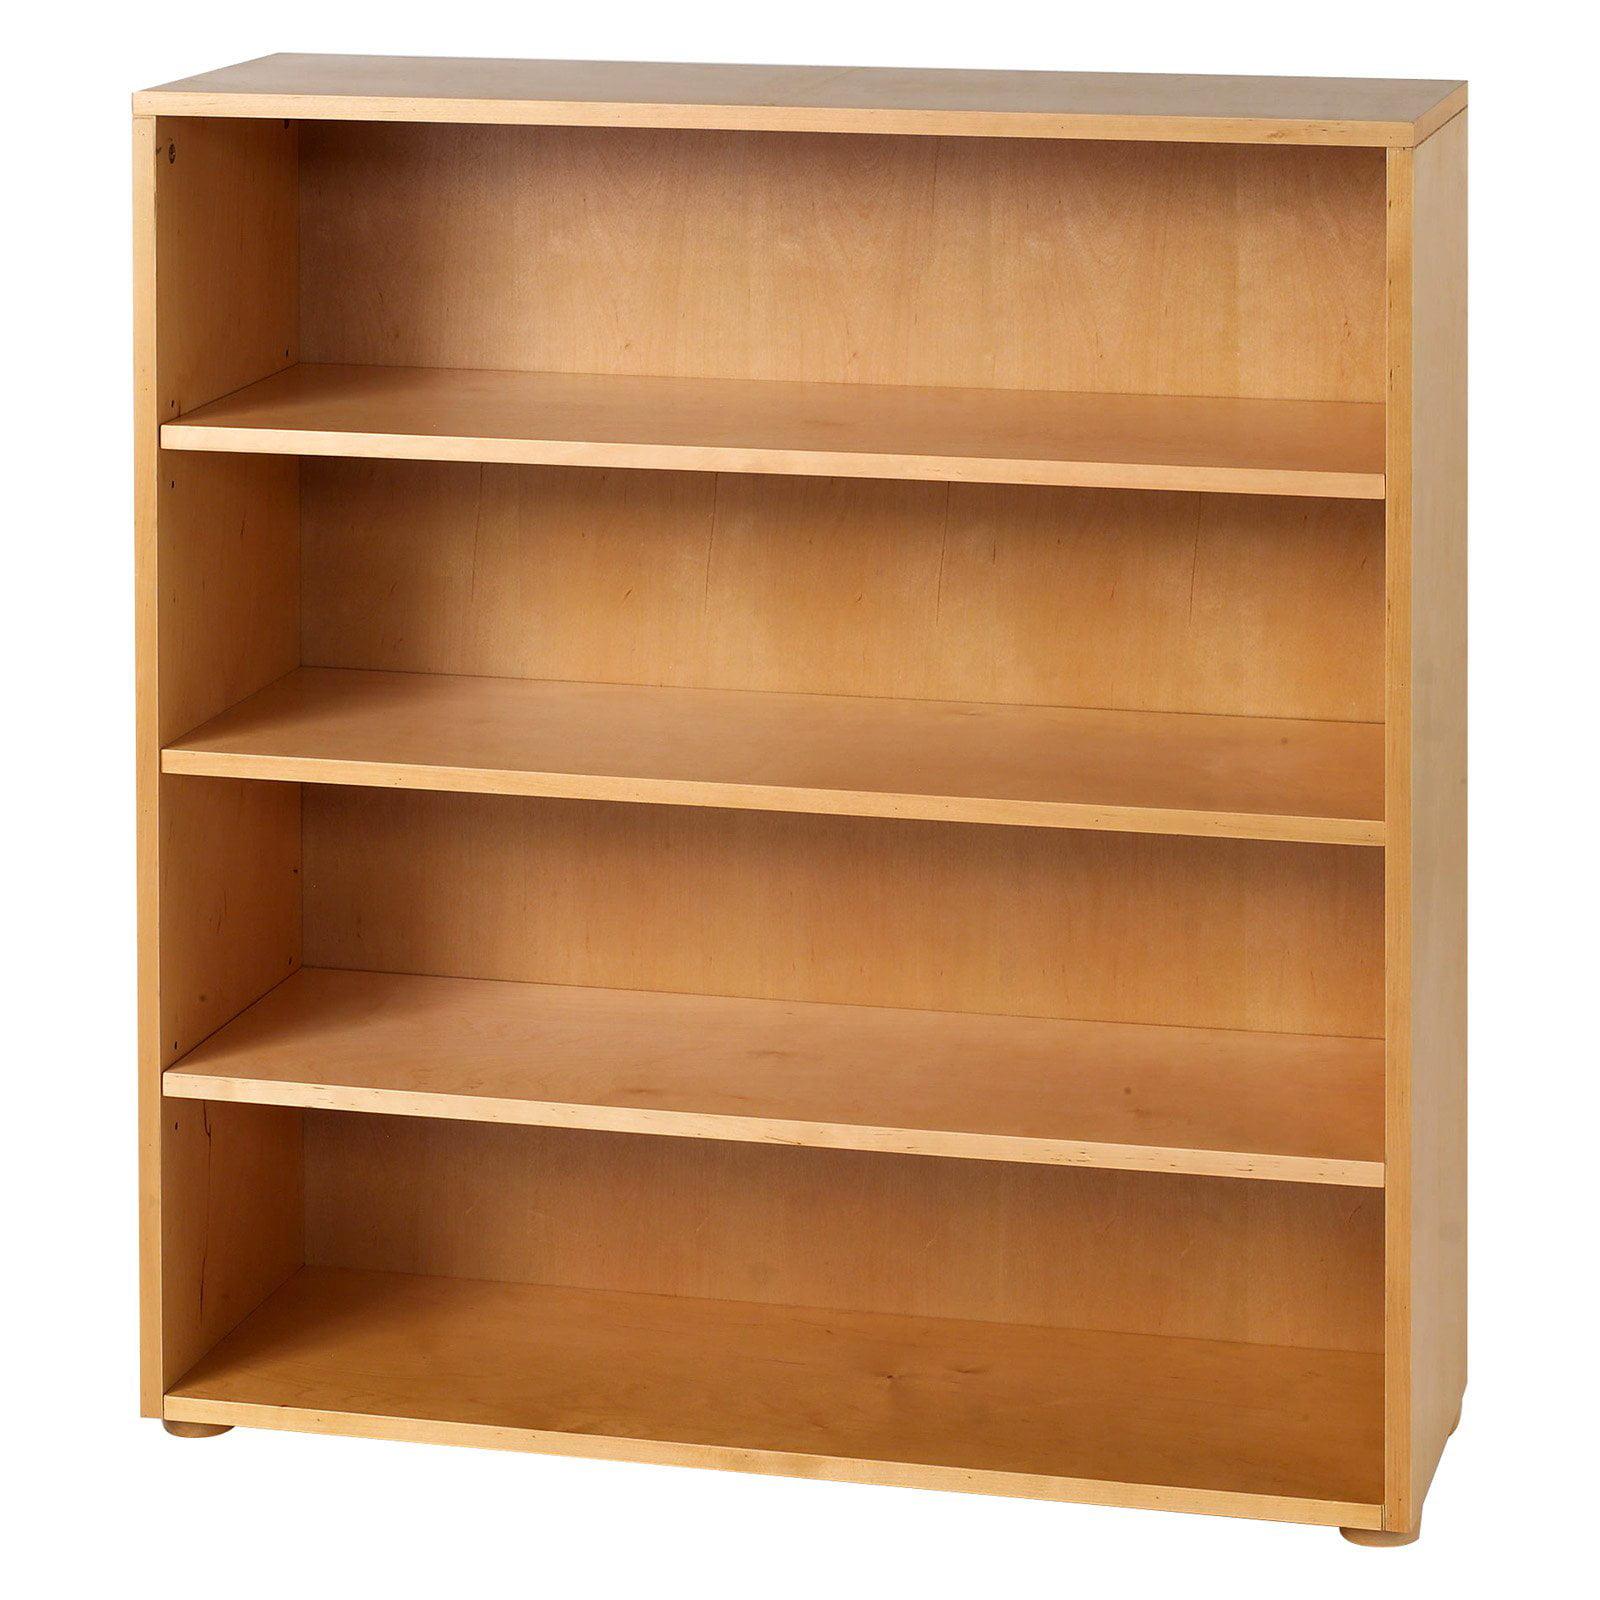 Max 4 Shelf Bookcase